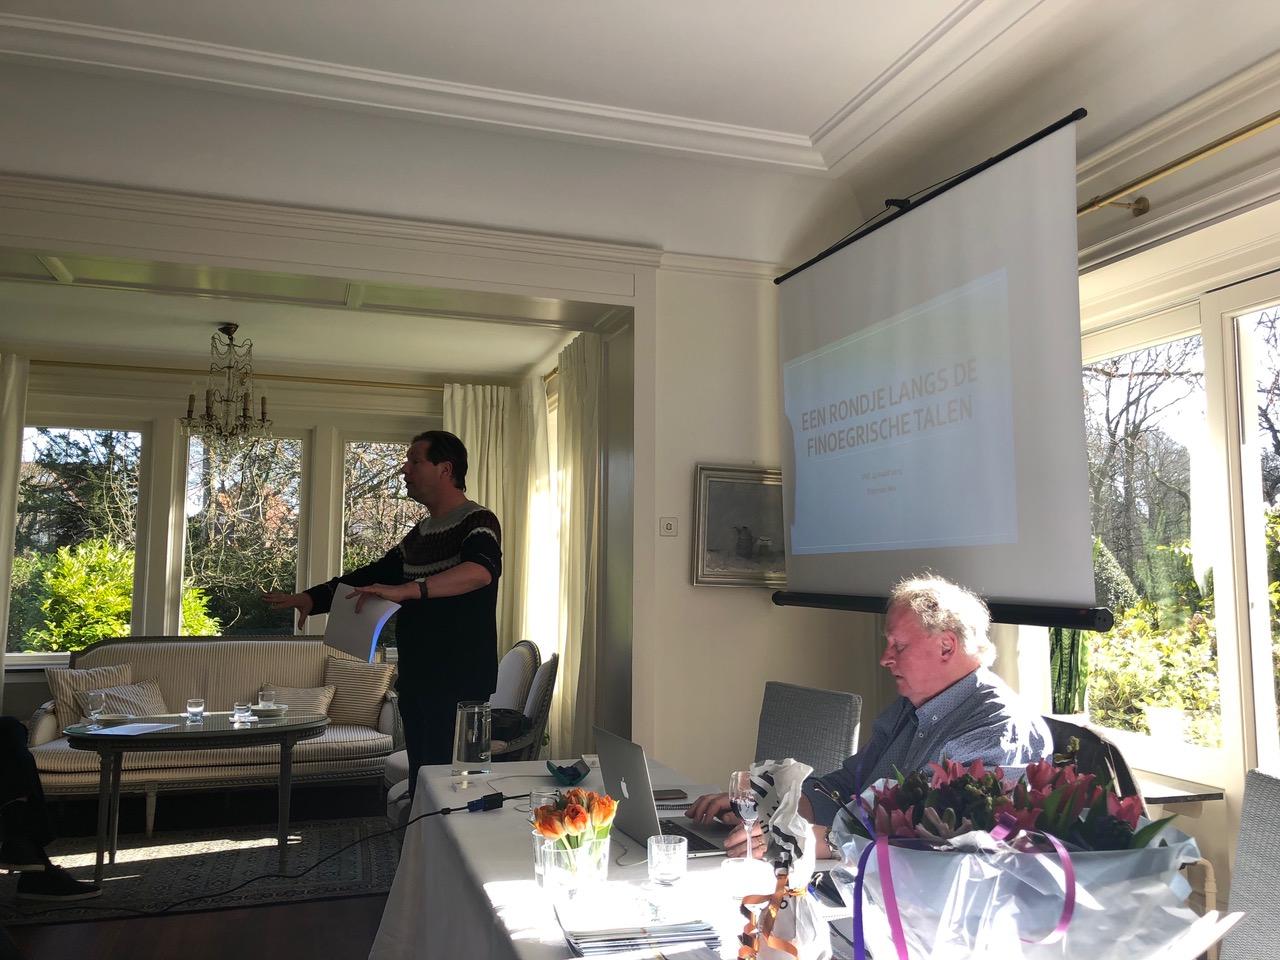 Frans van Nes over Finoegristiek en de Finoegrische talen